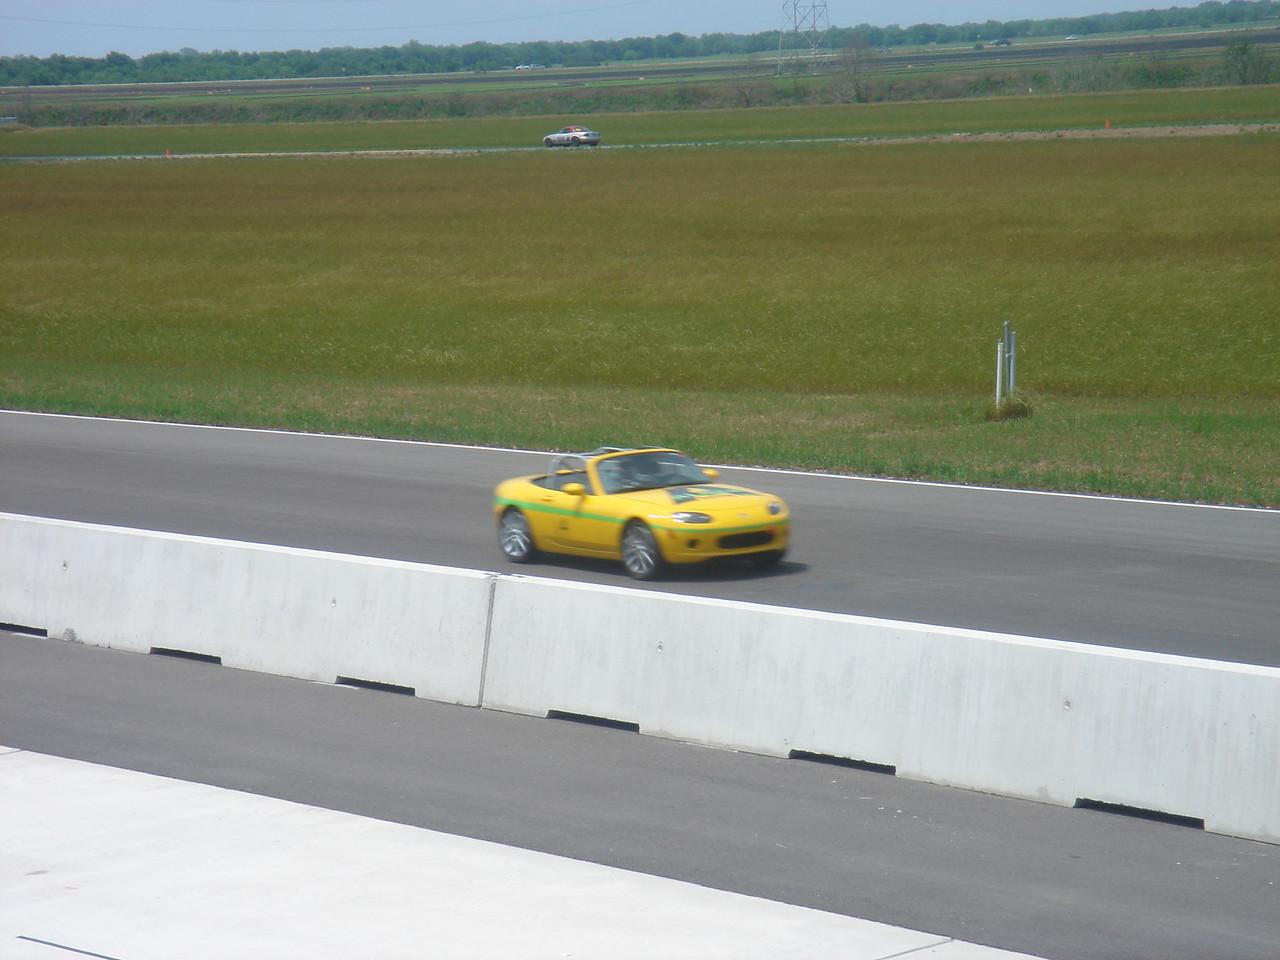 Spec '05 MX-5